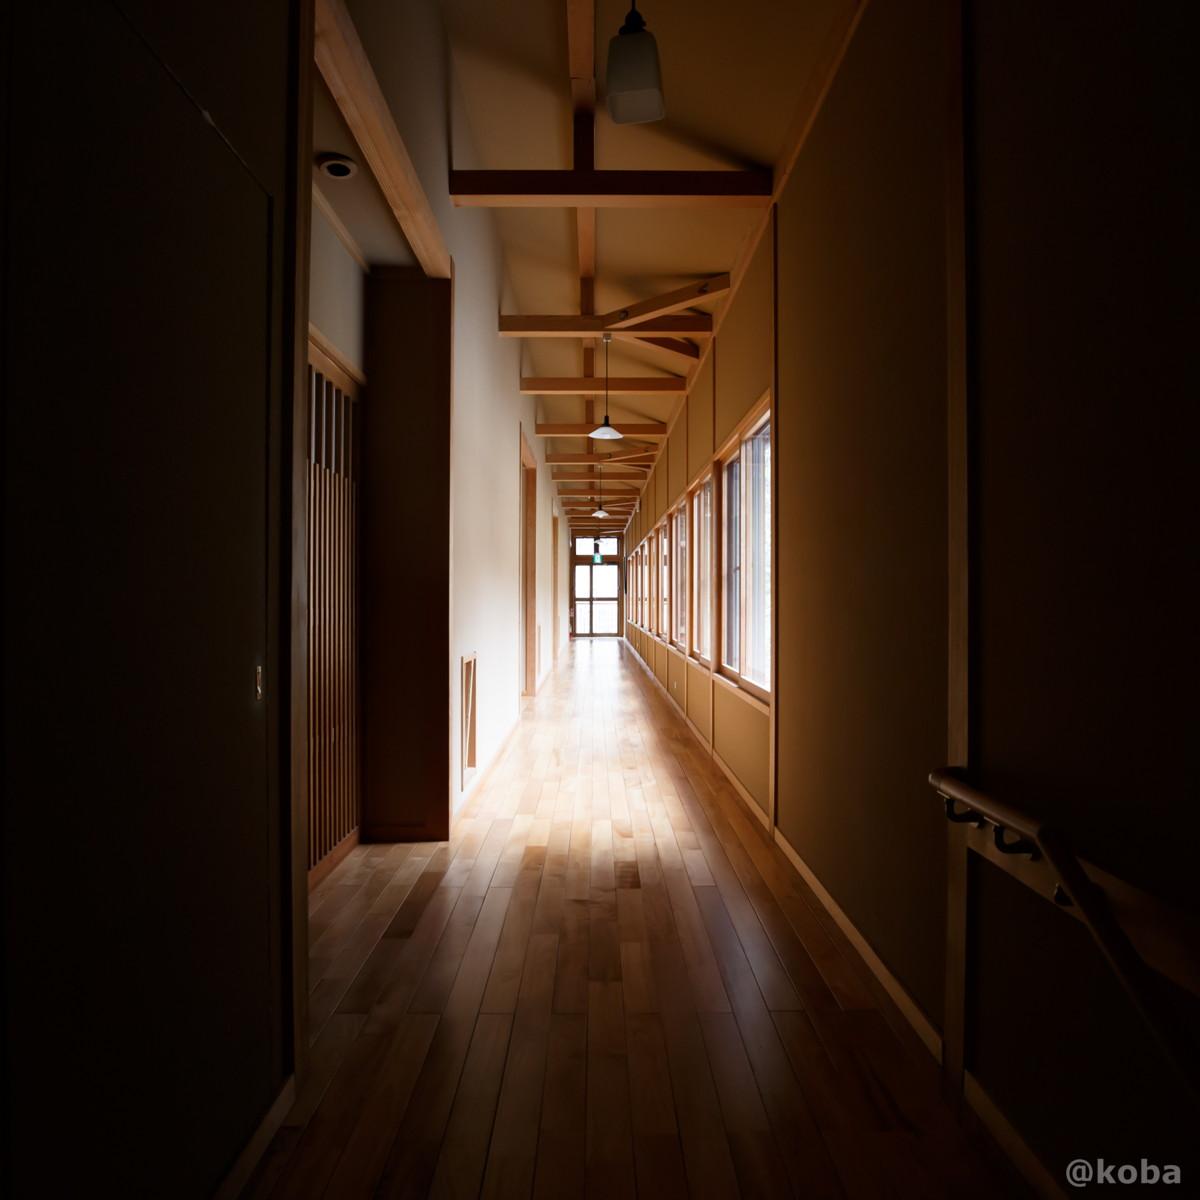 木造建築・廊下の写真|内山峠 初谷温泉(うちやまとうげ しょやおんせん)|長野県佐久市